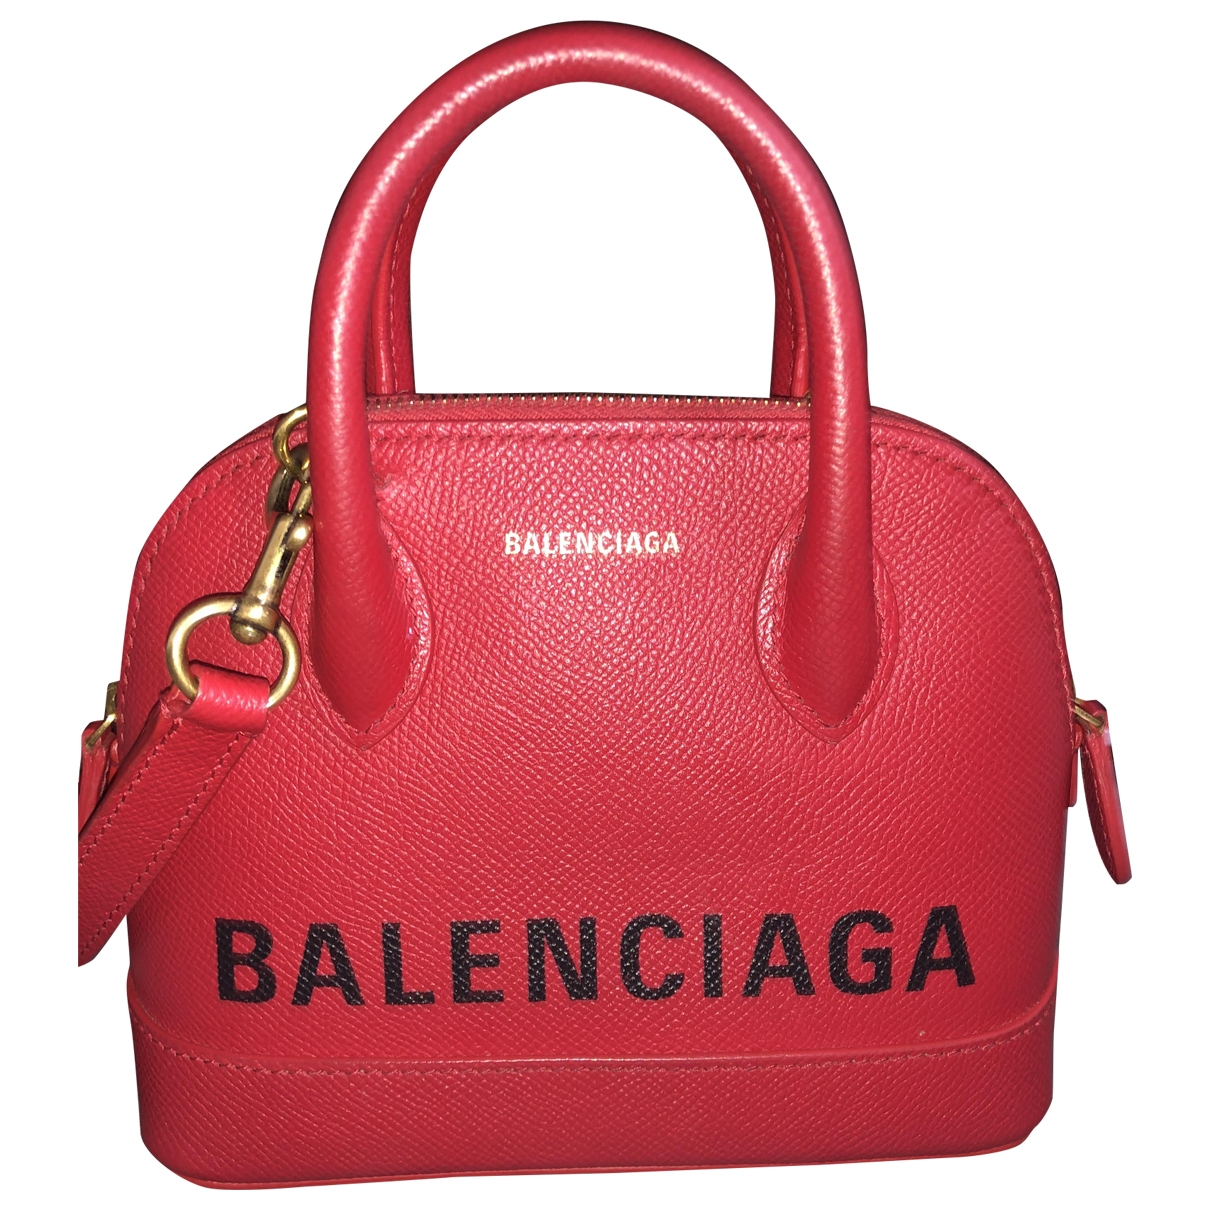 Balenciaga \N Red Leather handbag for Women \N